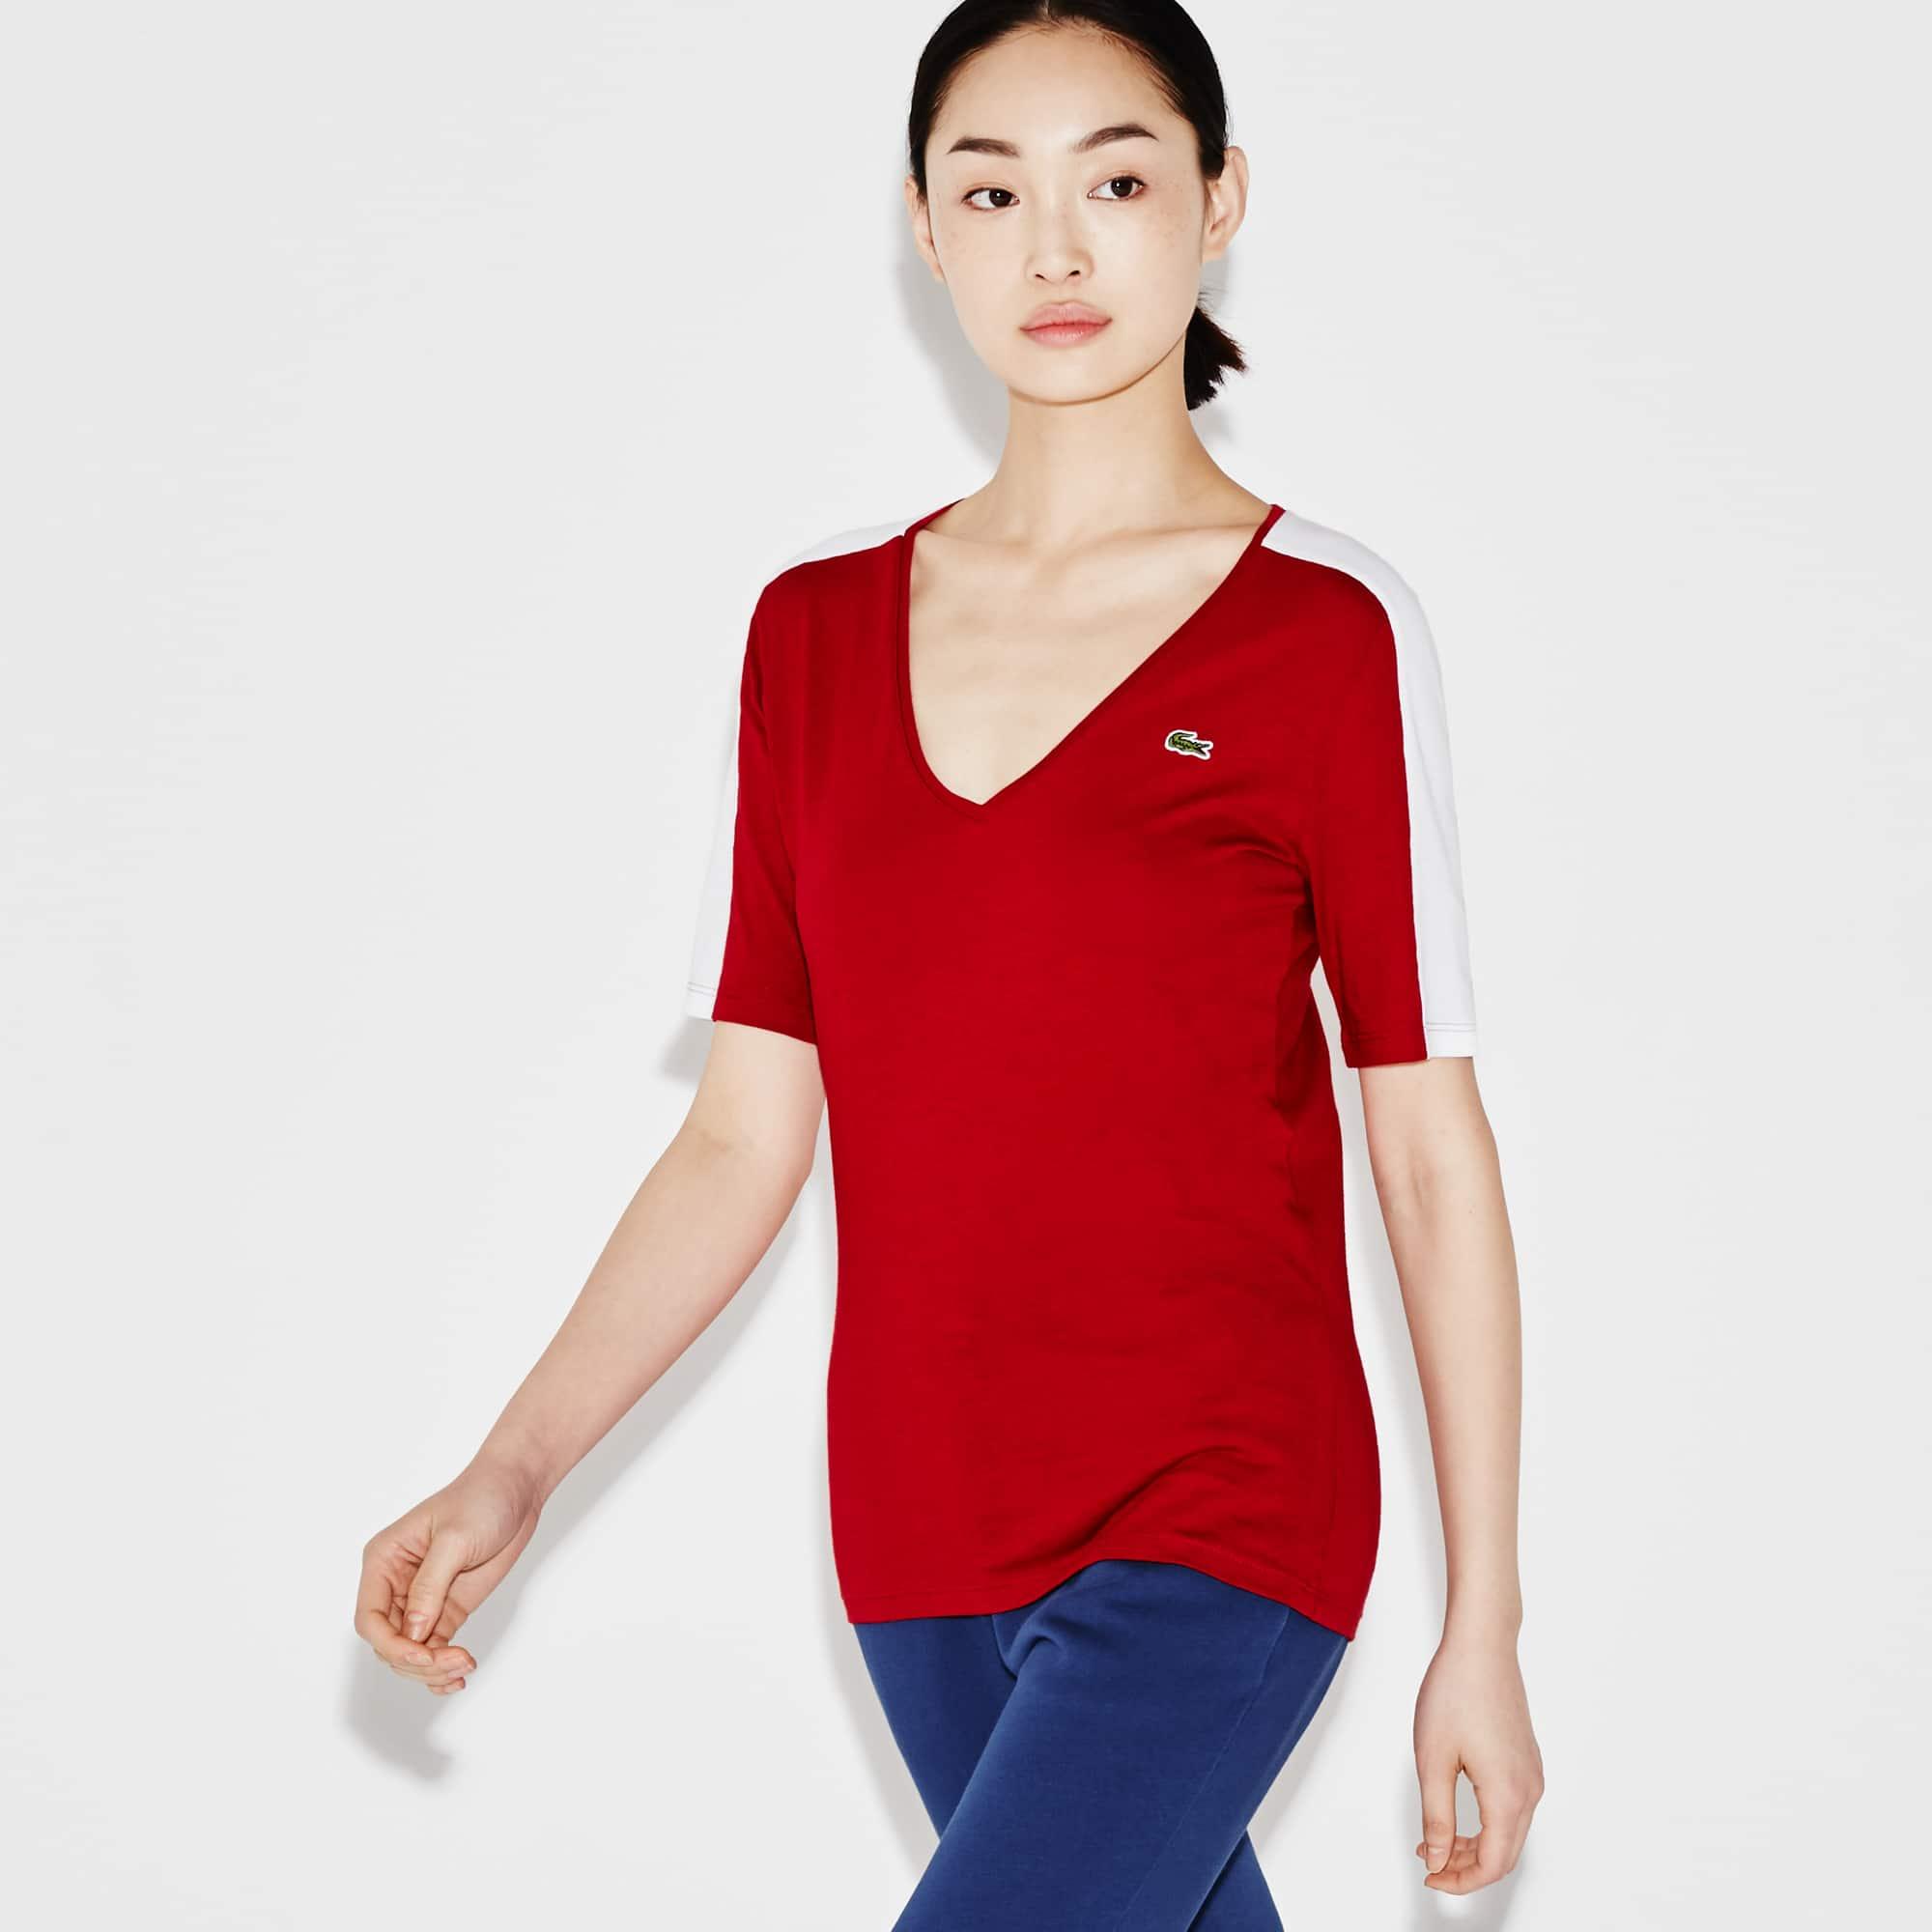 Damen-Shirt mit V-Ausschnitt aus Jersey LACOSTE SPORT TENNIS